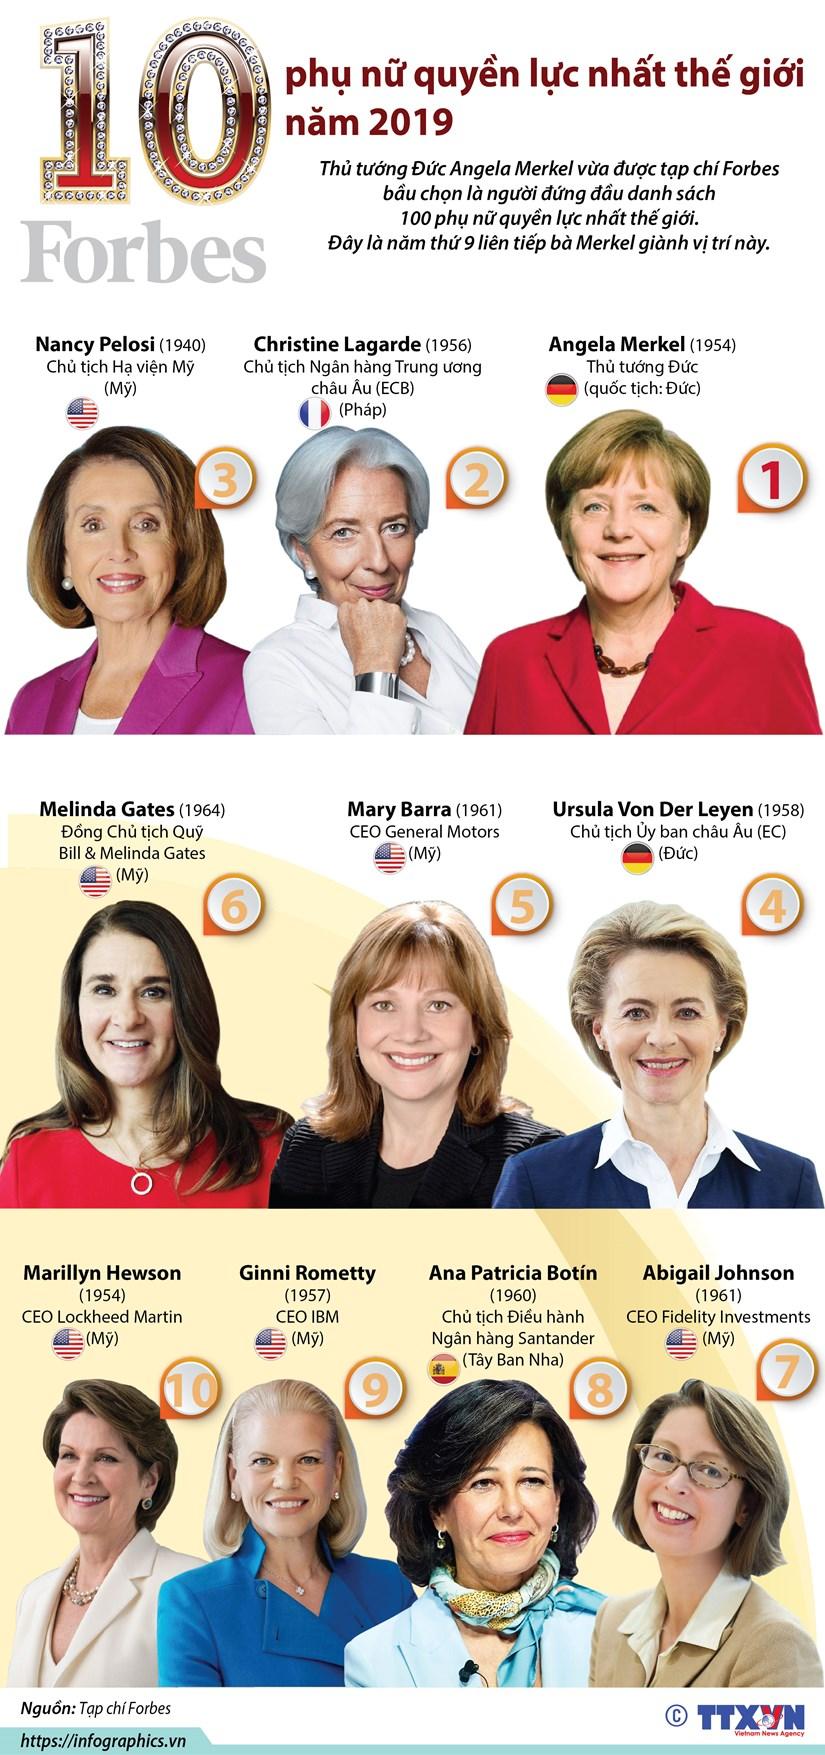 [Infographics] 10 phụ nữ quyền lực nhất thế giới năm 2019